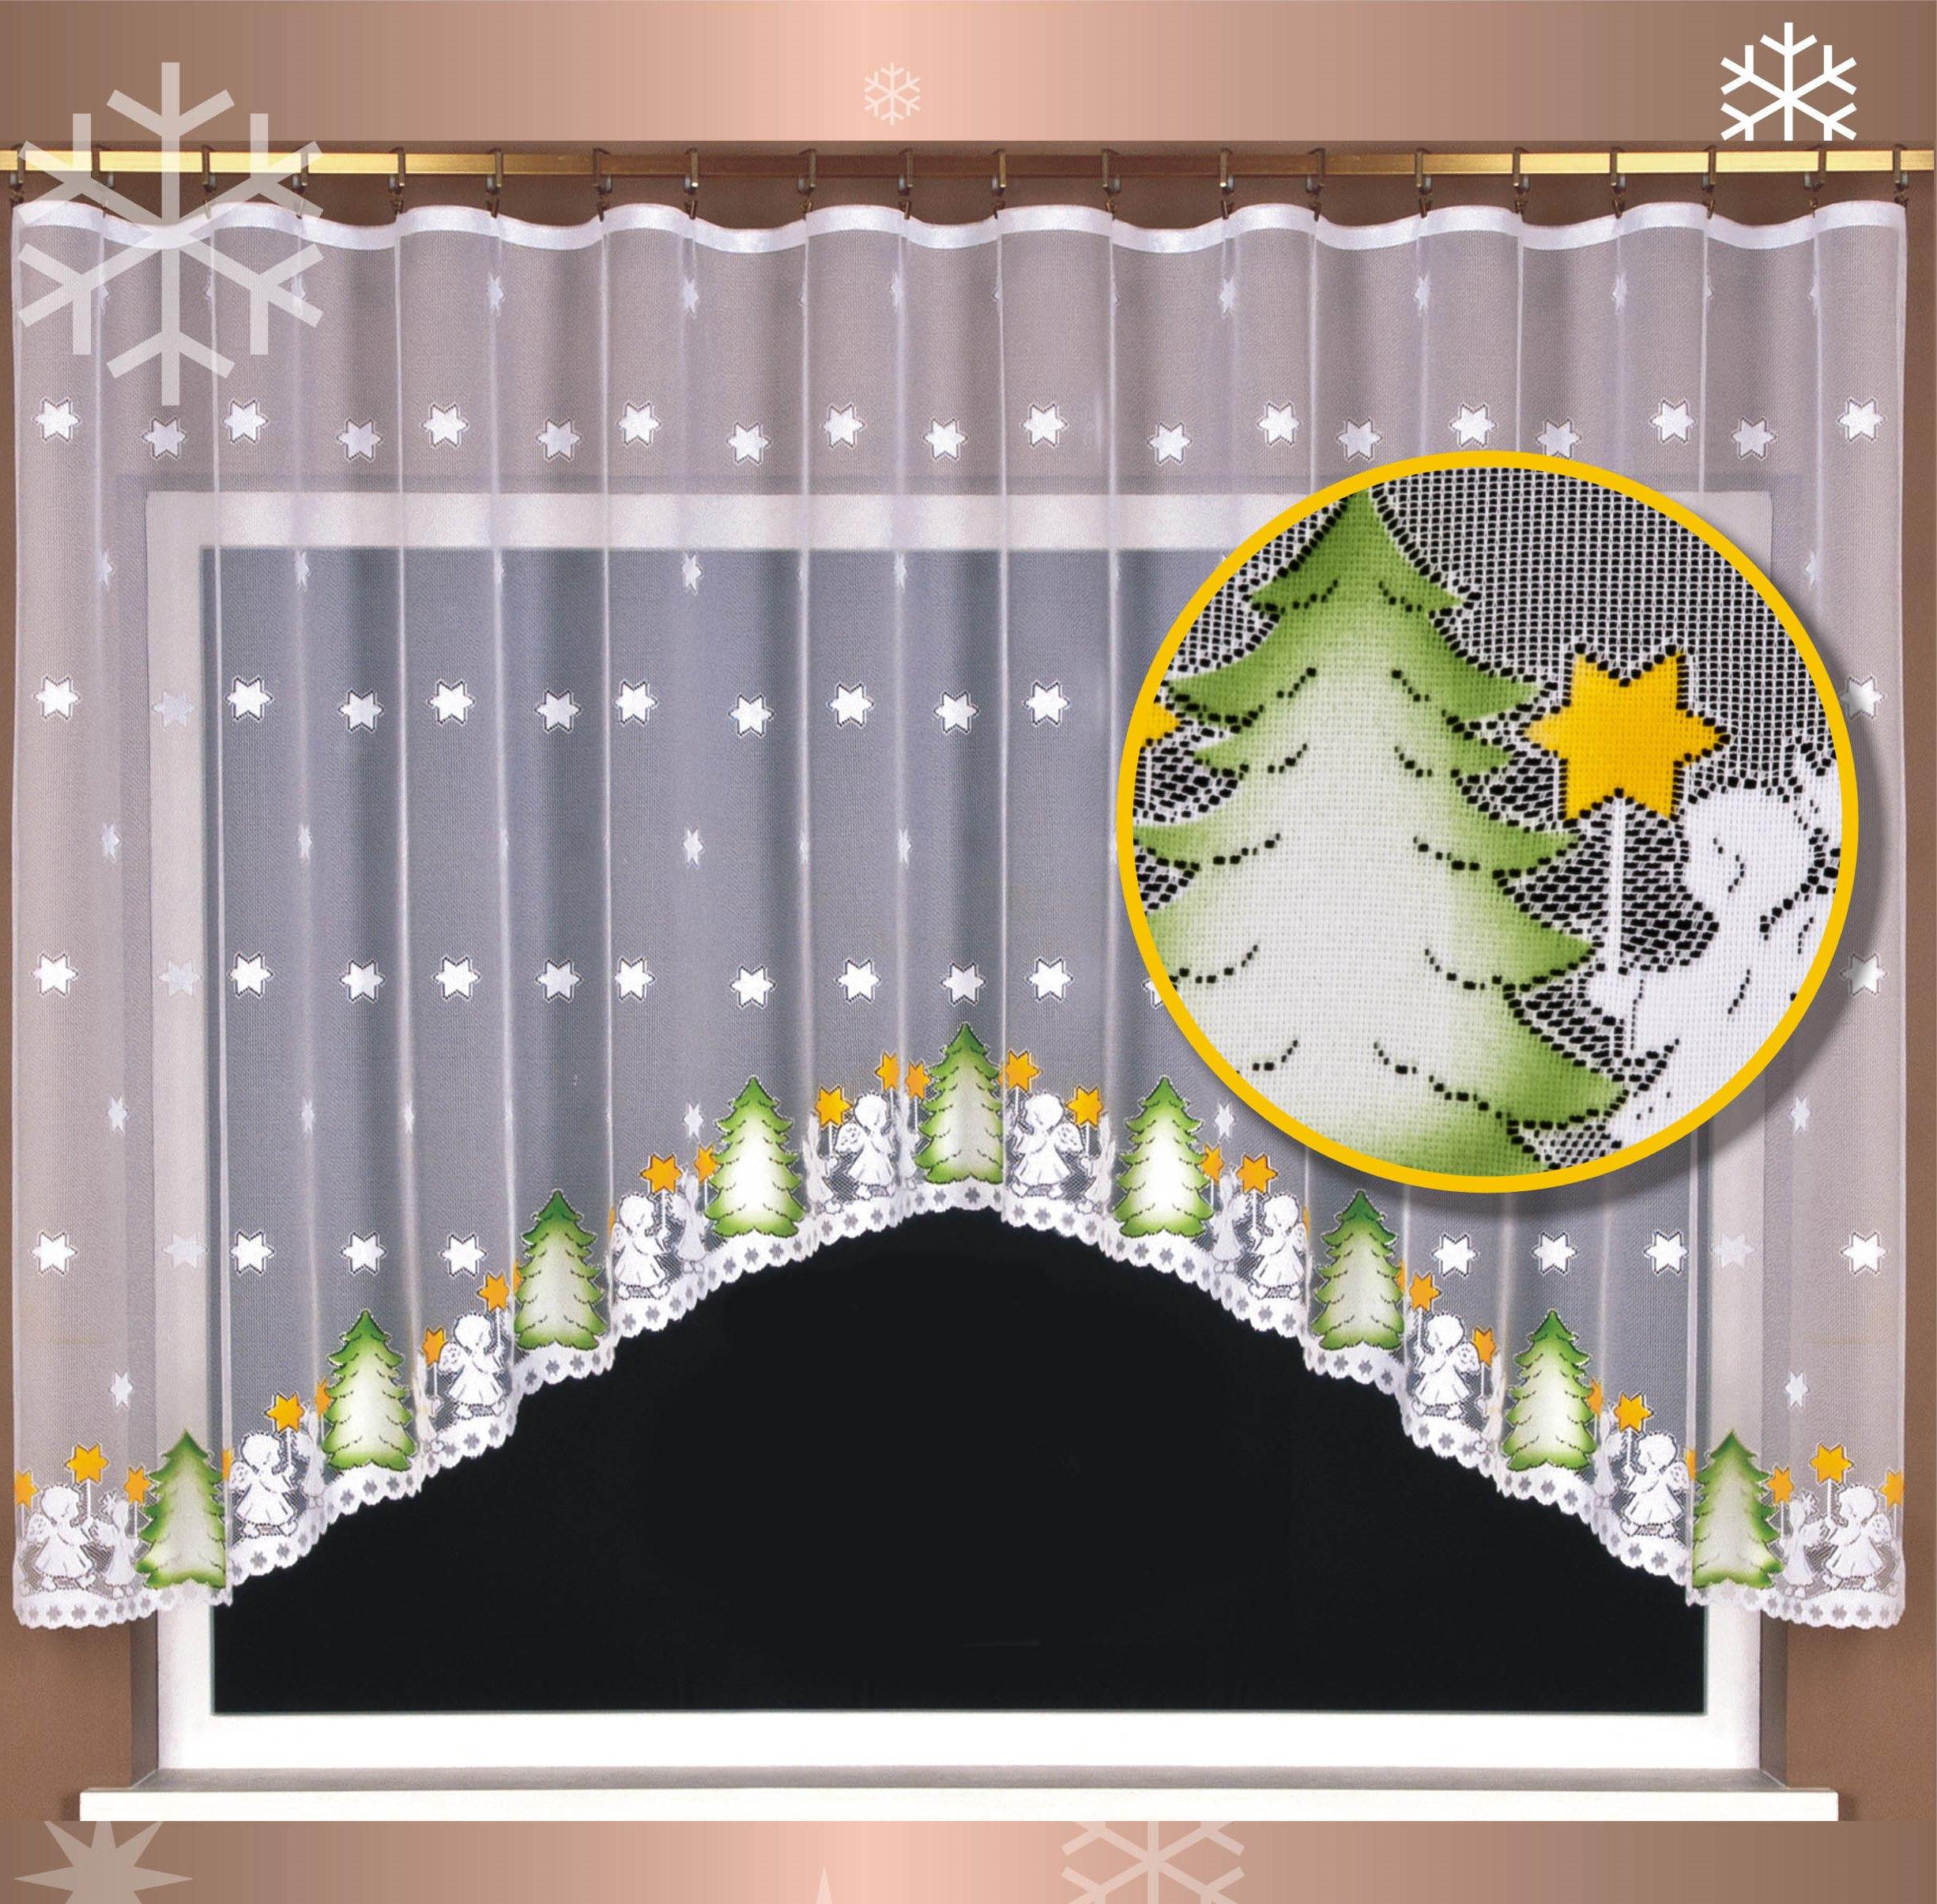 Záclona viánočná 3481